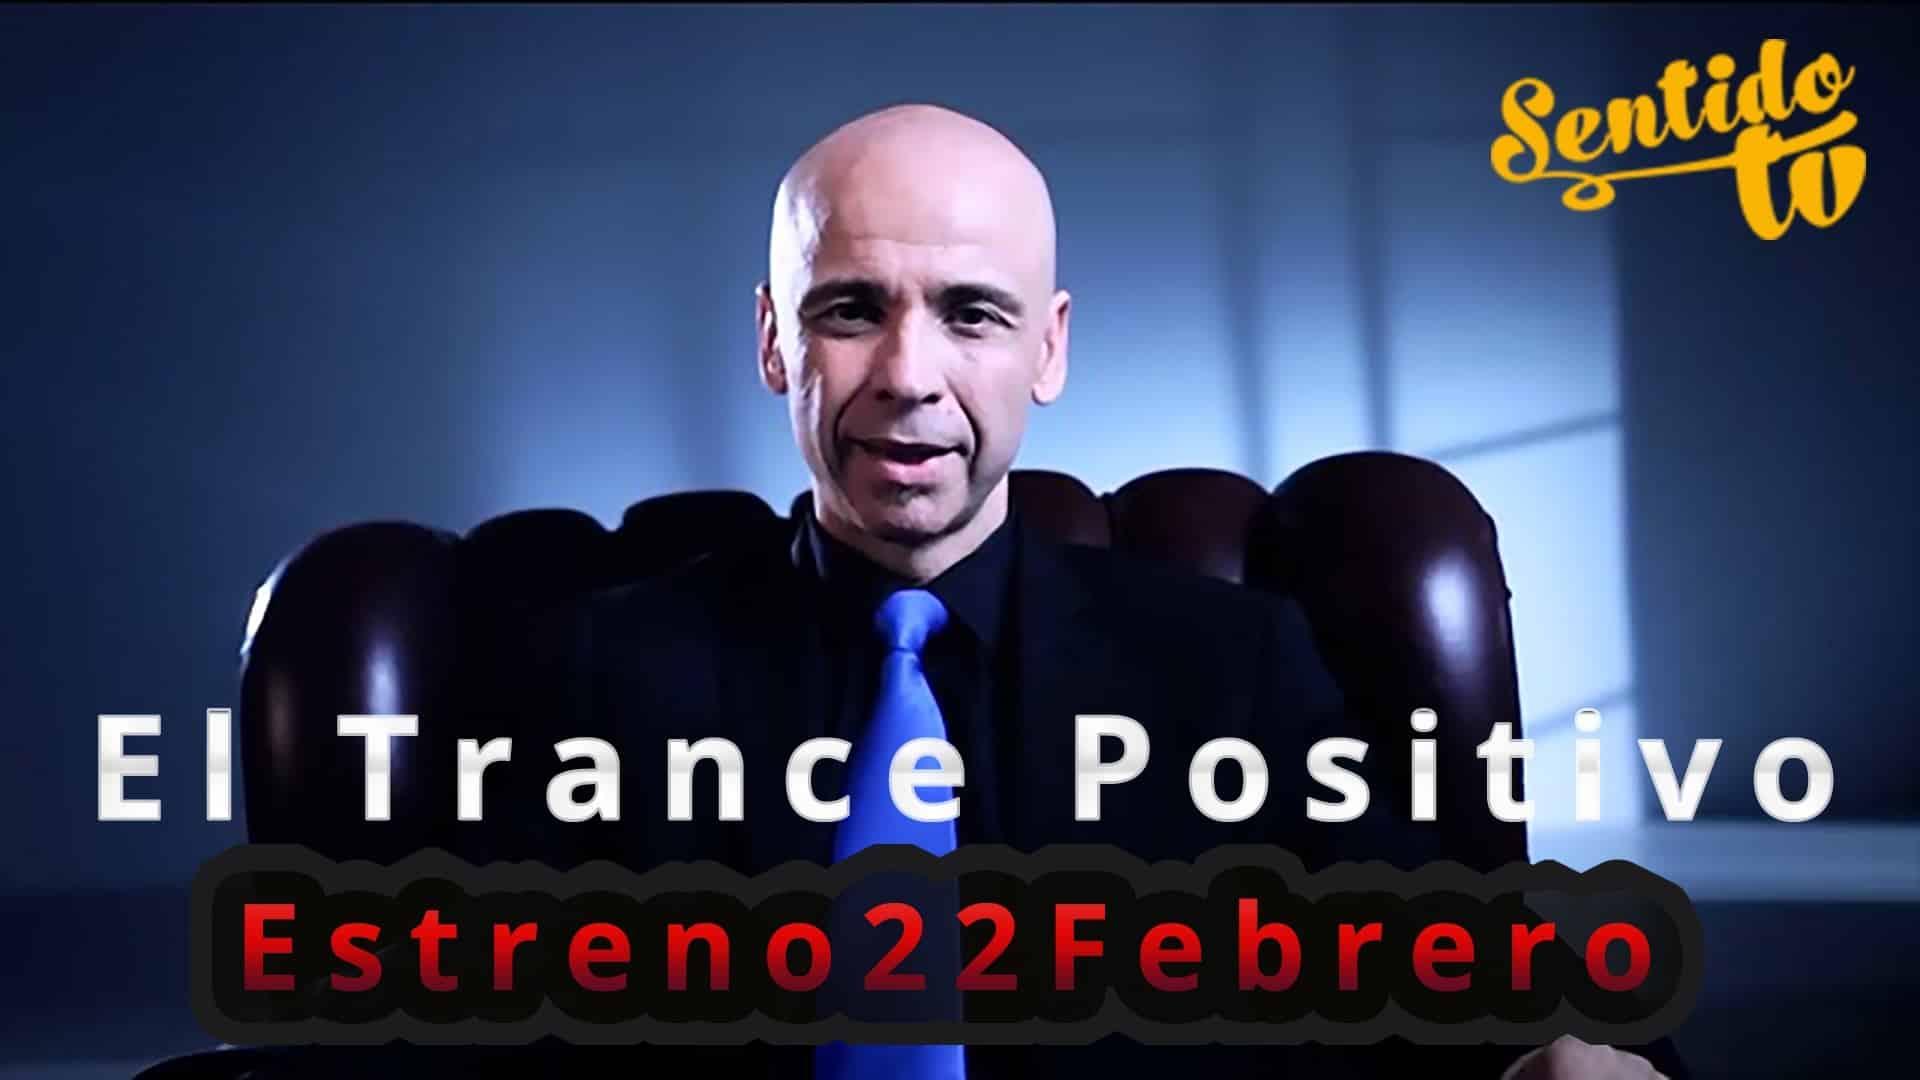 """Lunes 22 de Febrero SentidoTv estrena el programa sobre hipnosis """"El trance positivo"""" 15"""